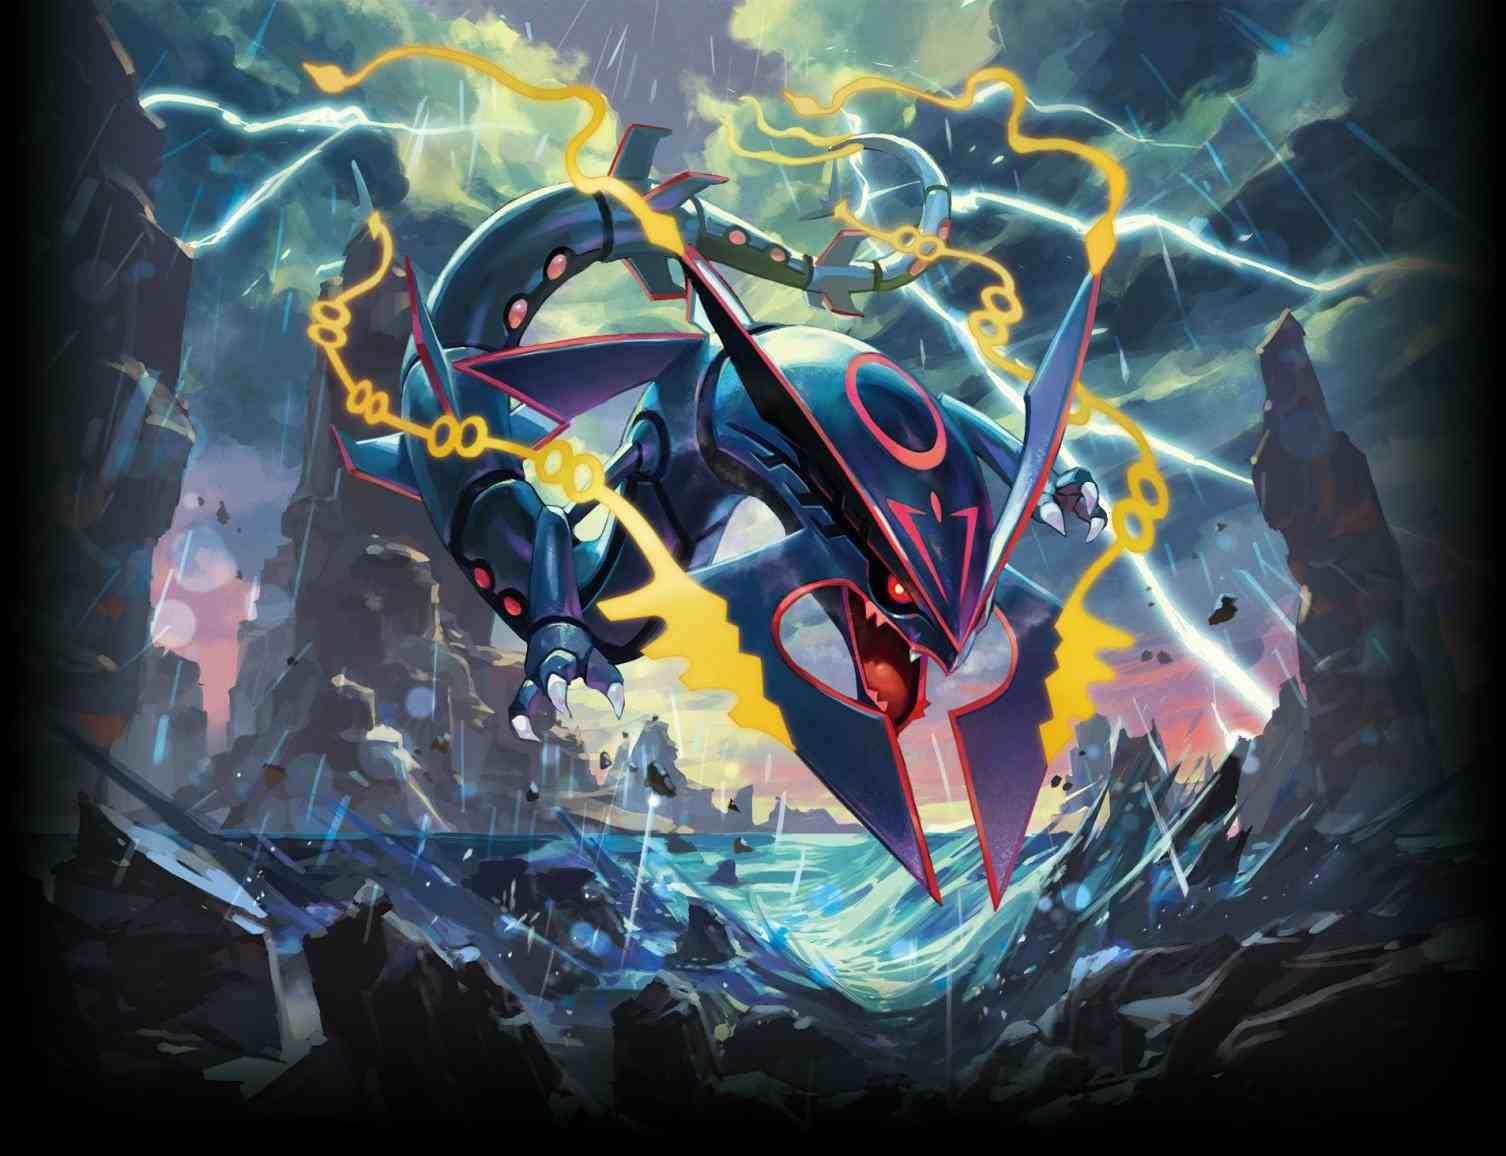 pokemon shiny mega rayquaza wallpaper | Pokemon wallpapers ...